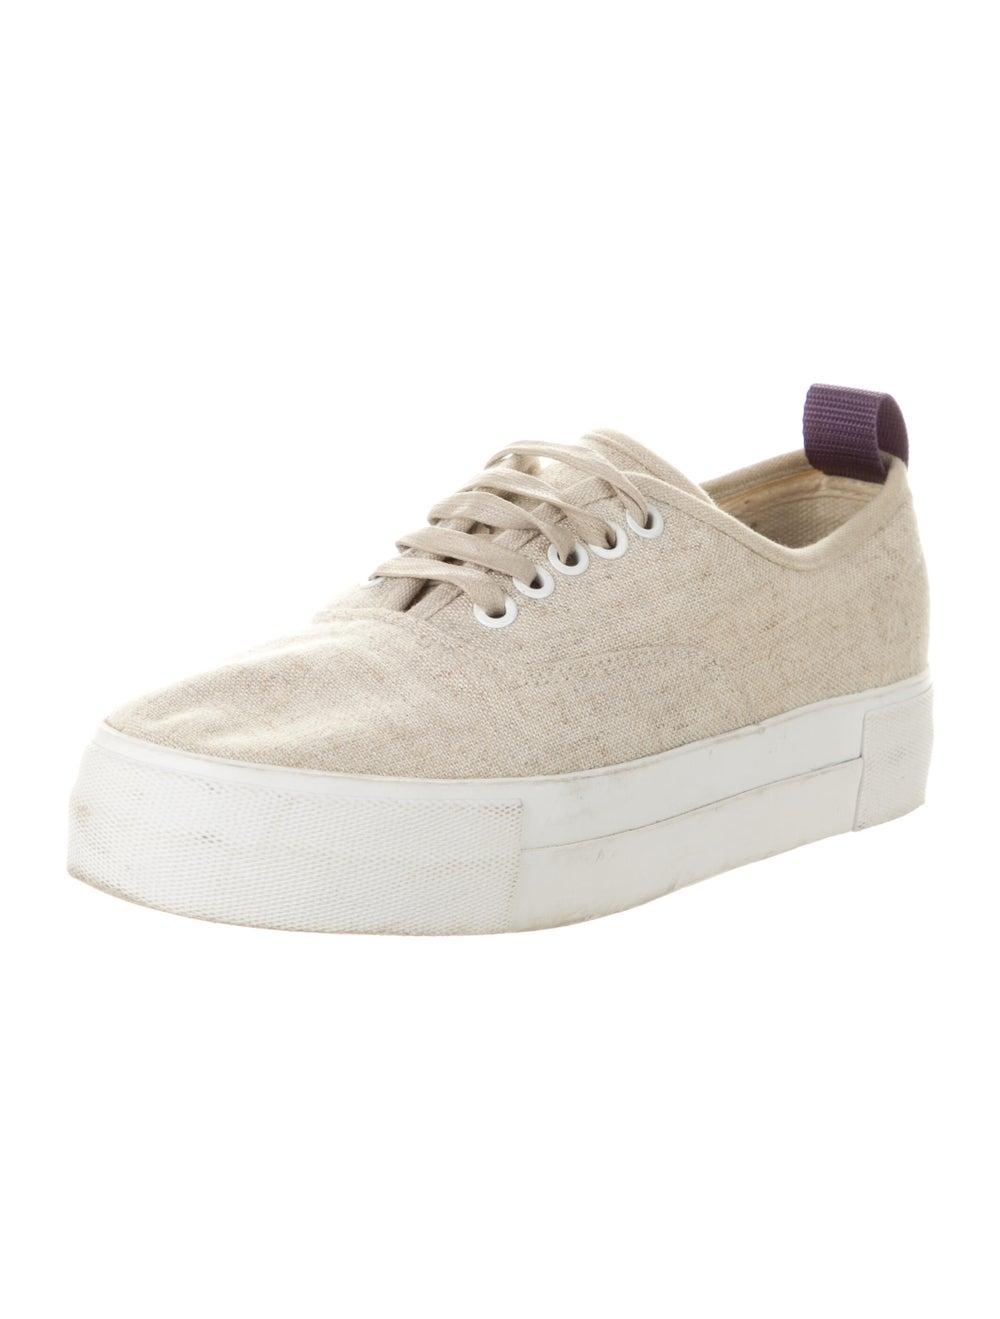 Eytys Sneakers - image 2